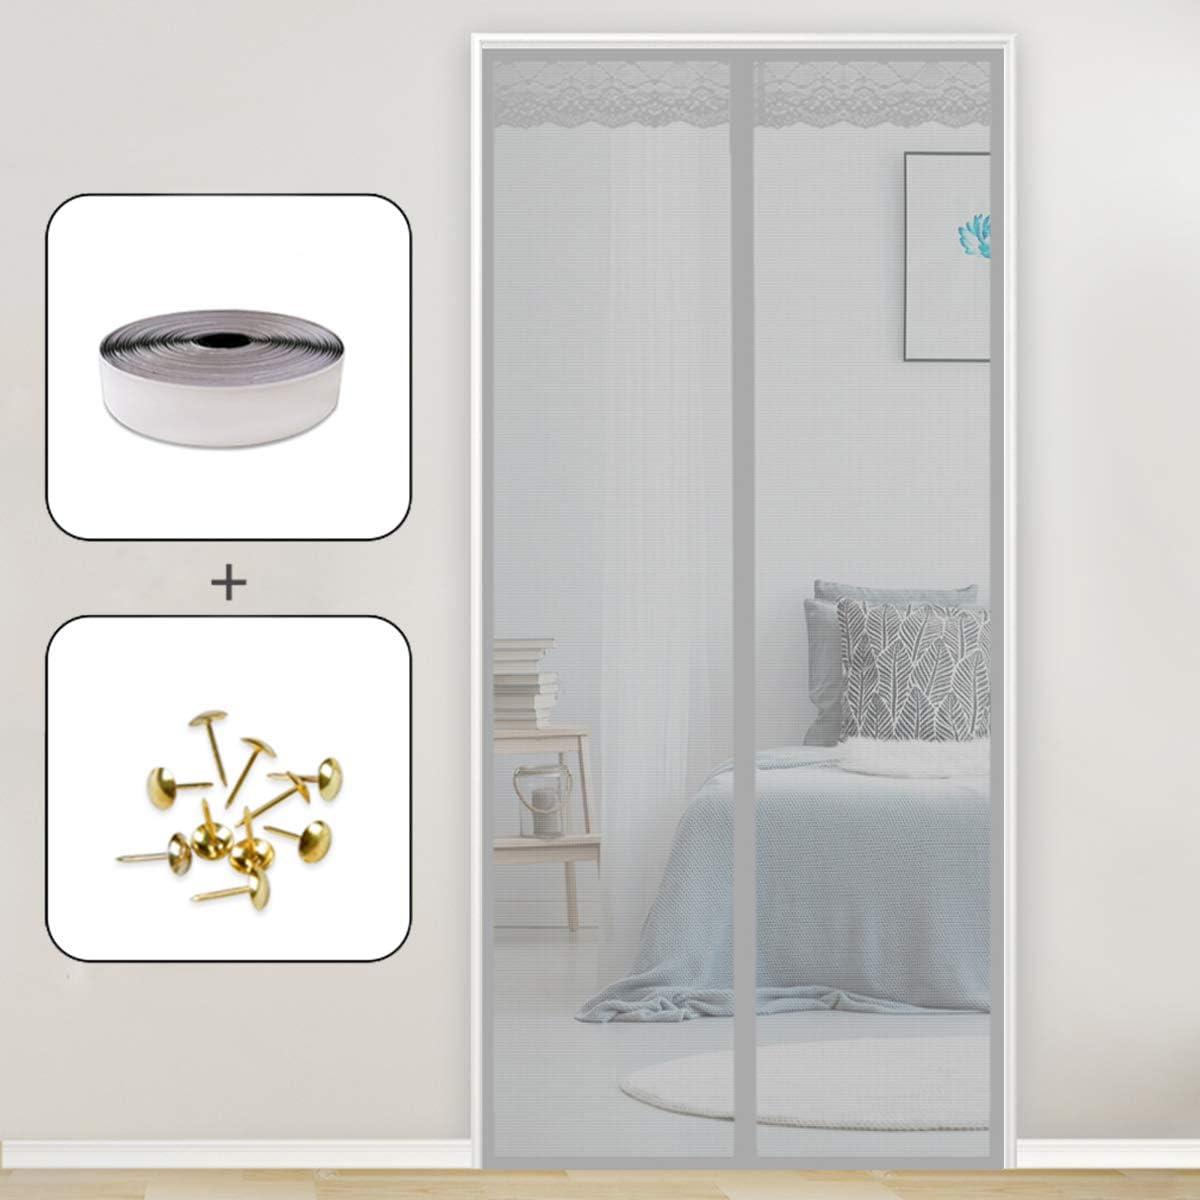 Mosquitera MagnéTica, 75x200cm Puertas mosquiteras Magnética Automático con Durable para Puertas Correderas/Balcones/Terraza, Gris: Amazon.es: Hogar